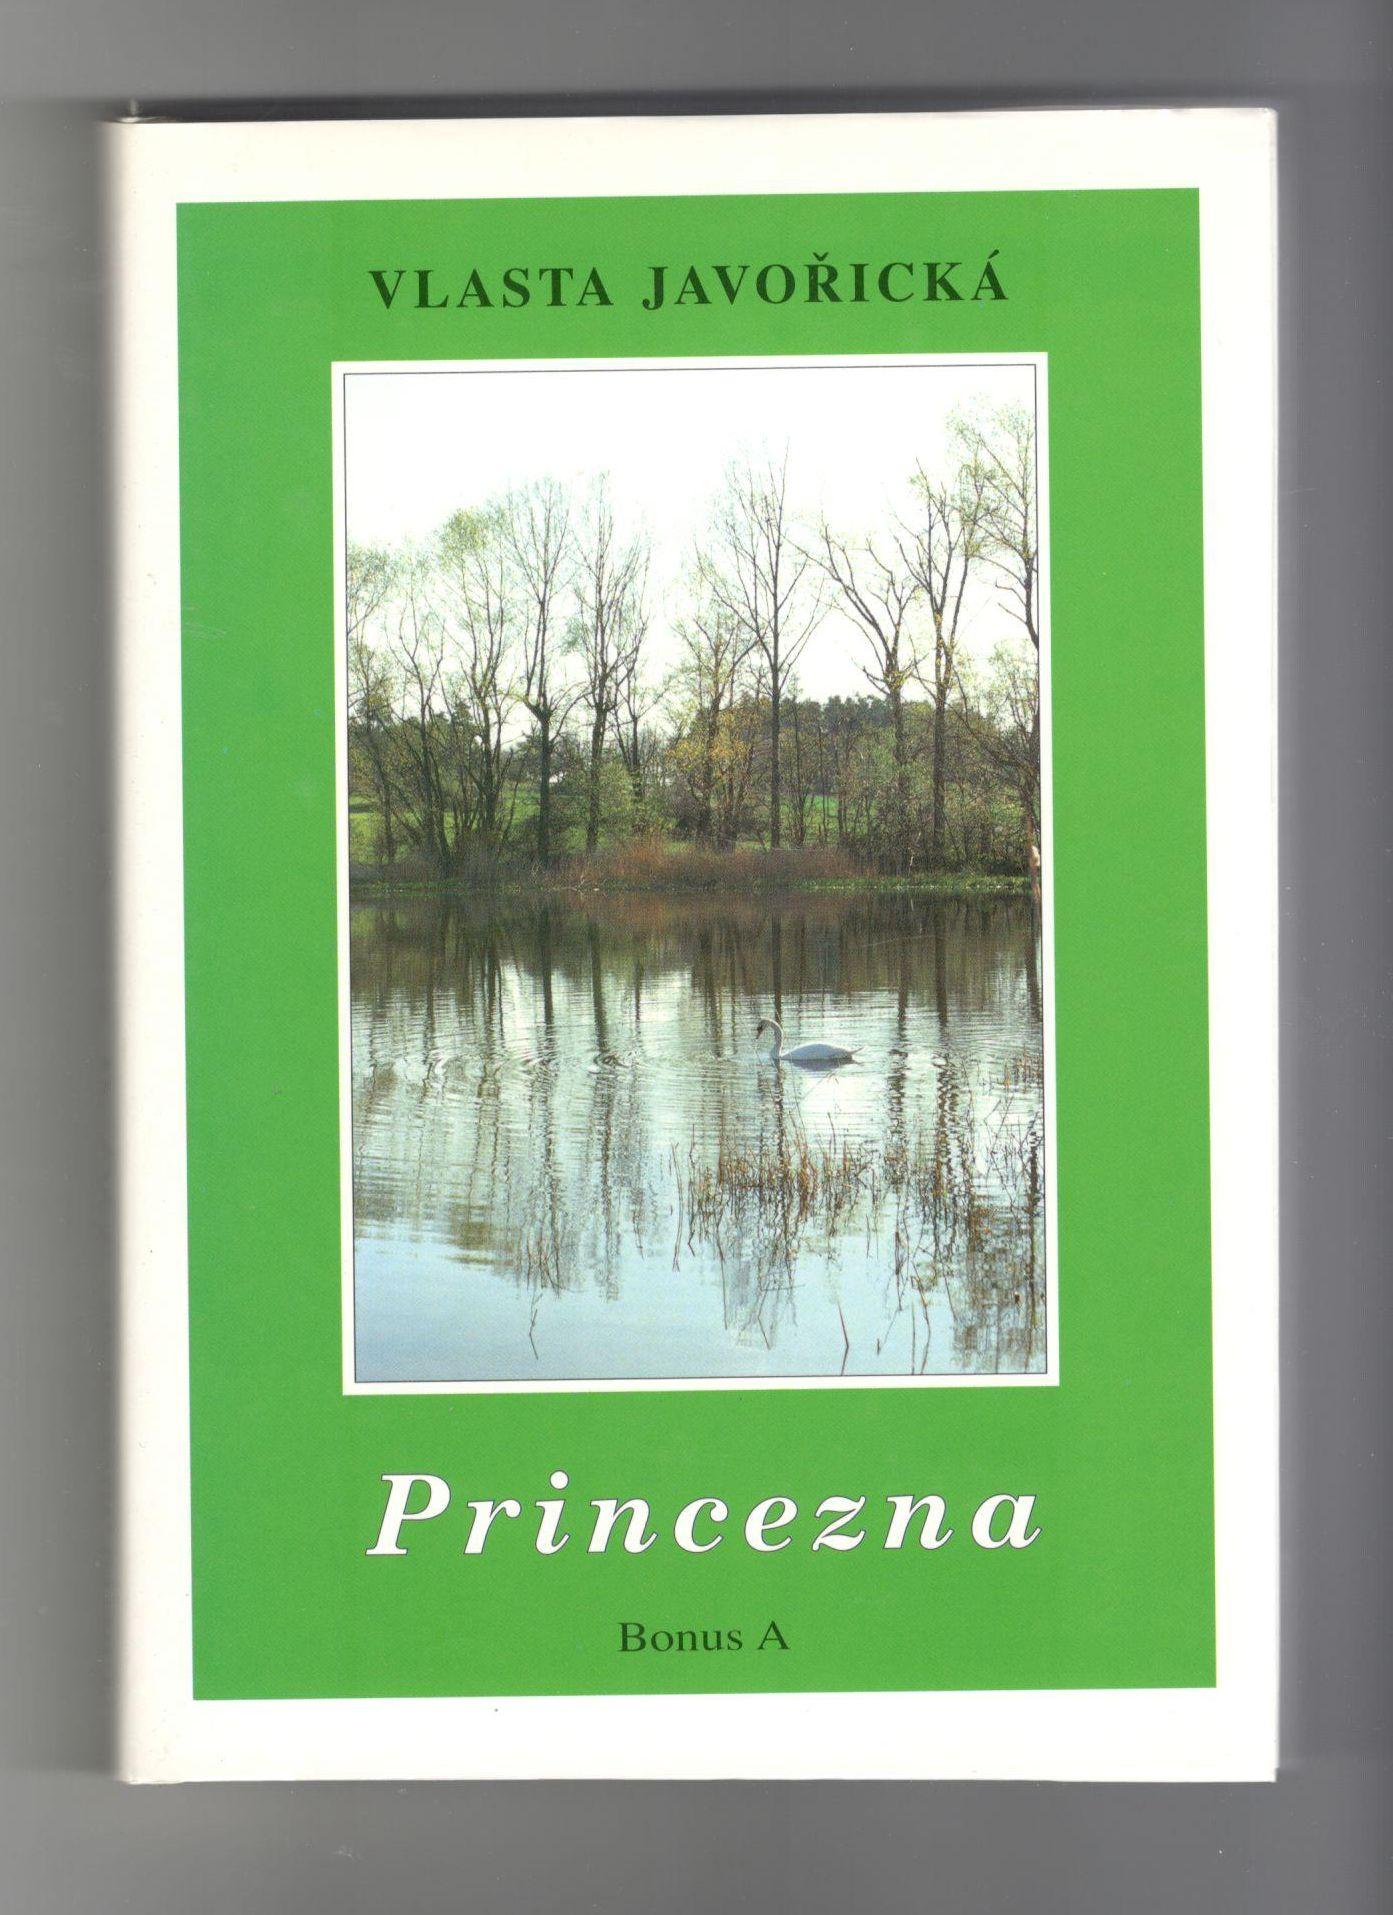 Princezna - Vlasta Javořická